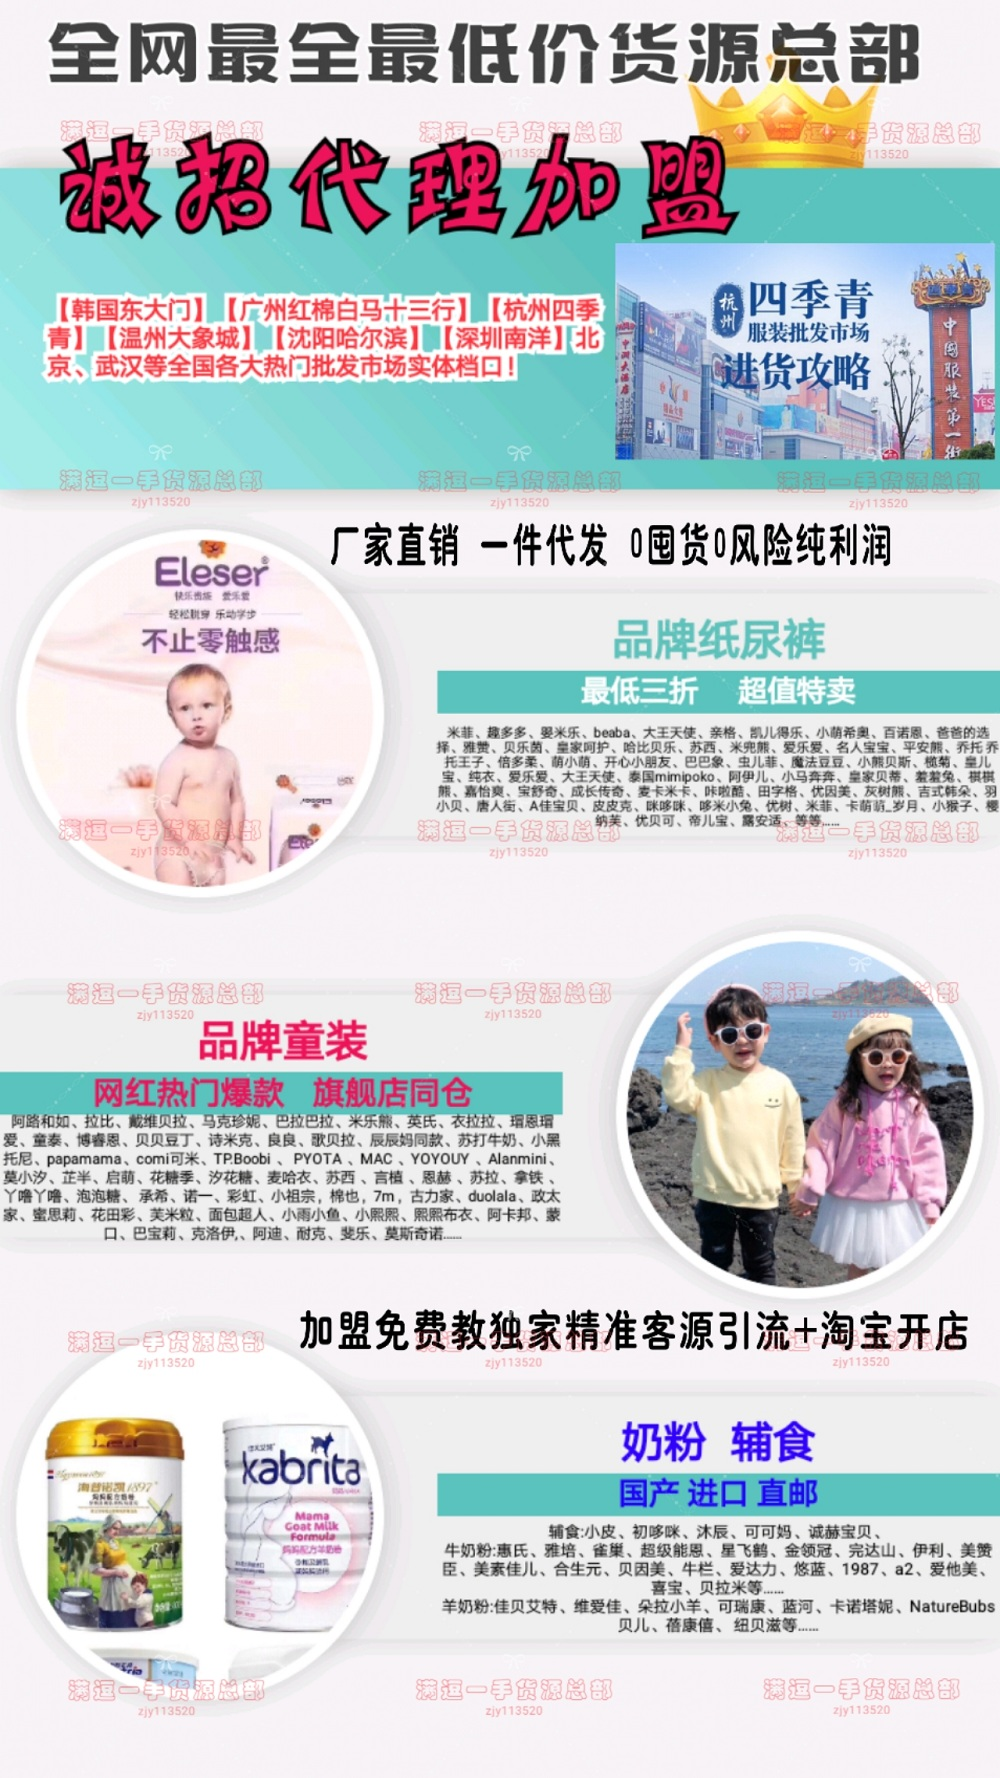 微信一手货源怎么找?优选童装微商 母婴用品童装代理